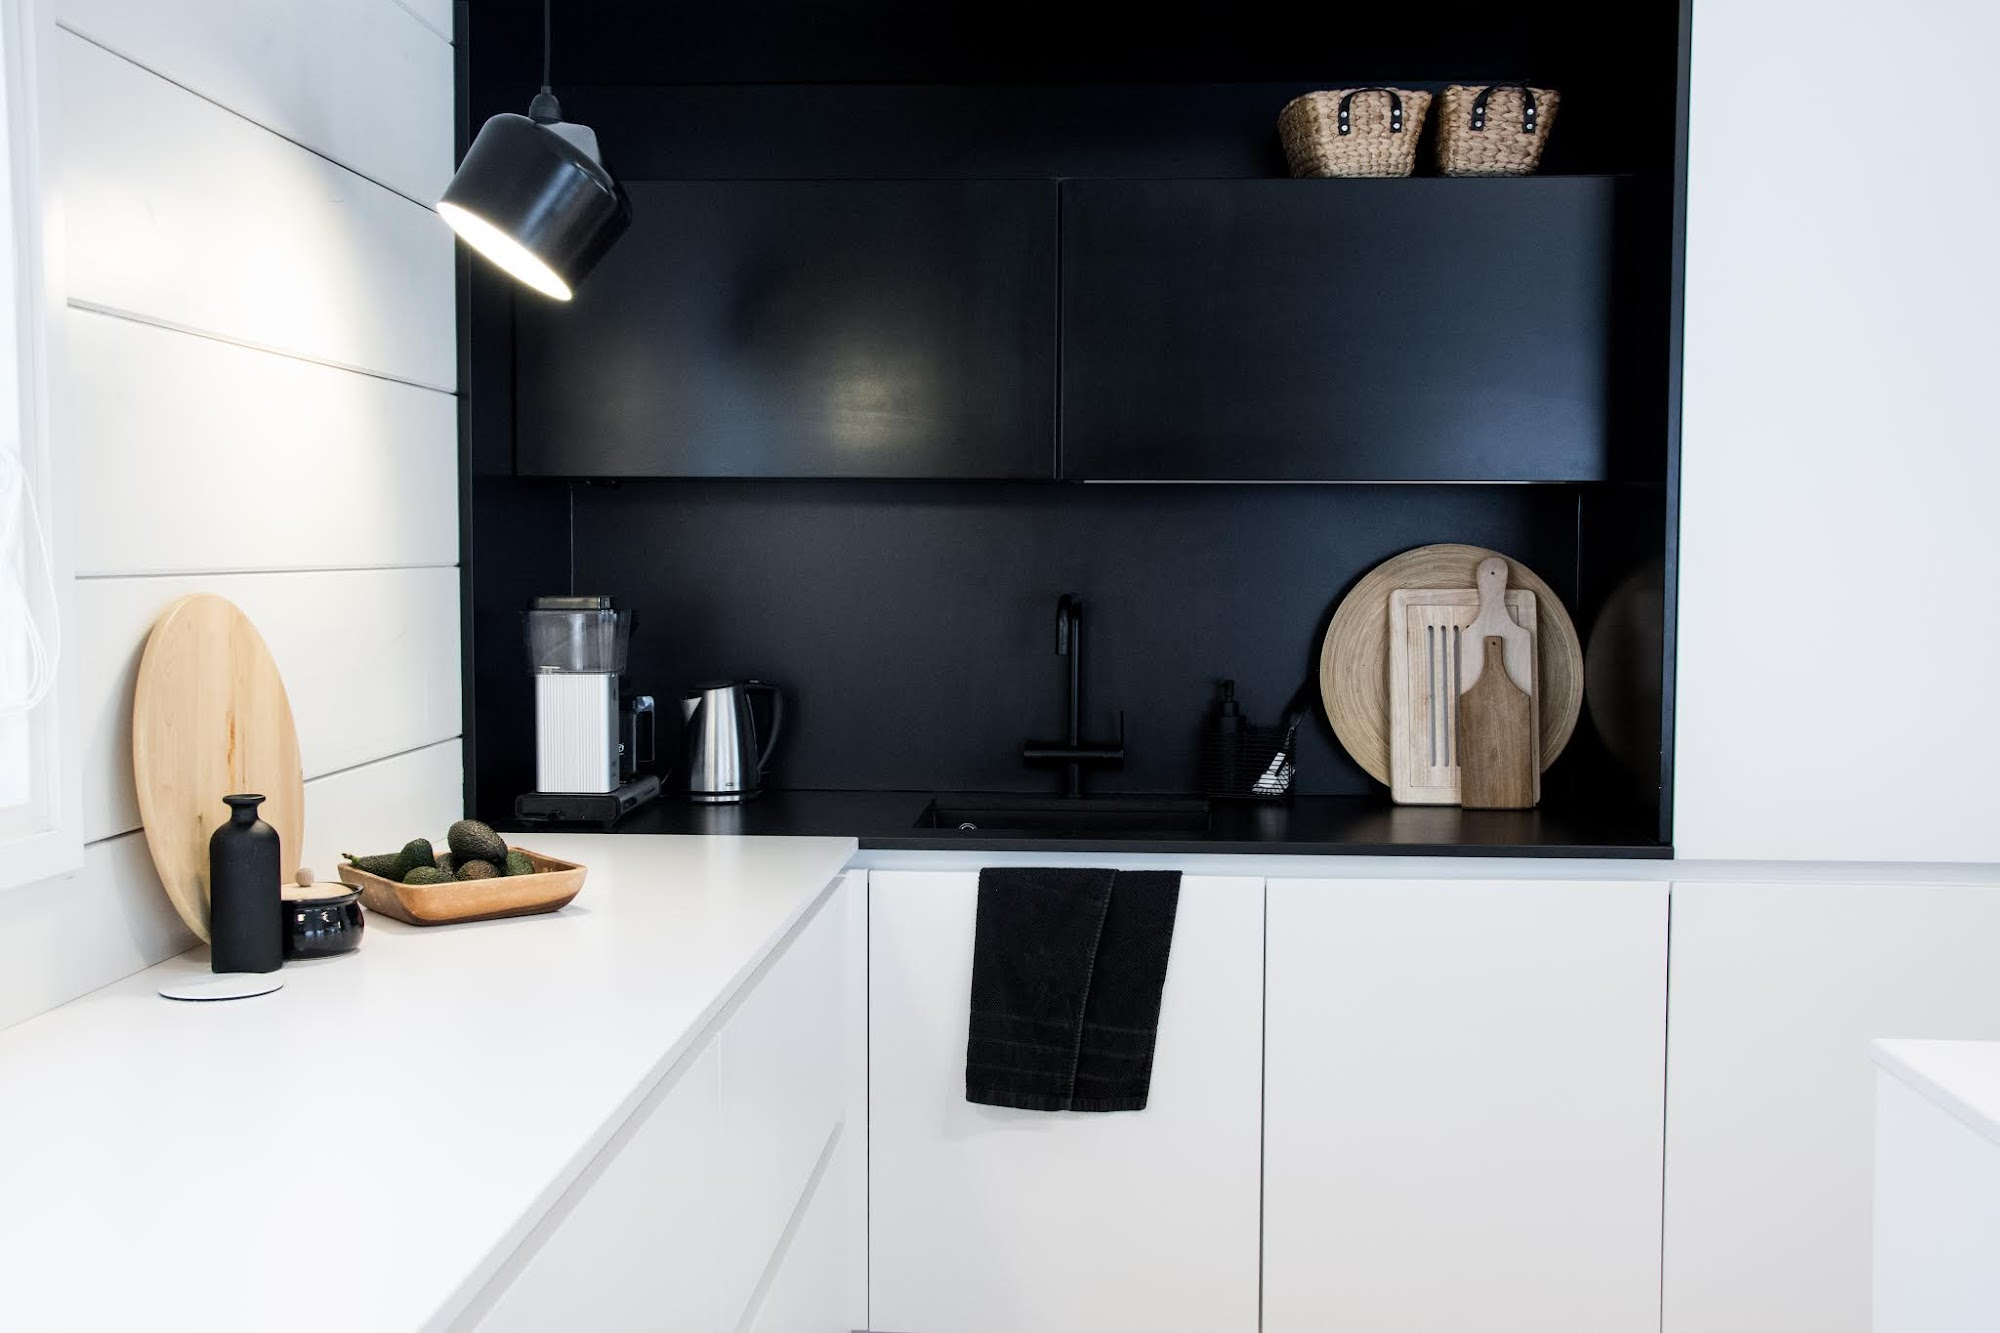 talo markki - Keittiön kaaoksen kesyttäminen 3 tuotteella - mustavalkoinen keittiö